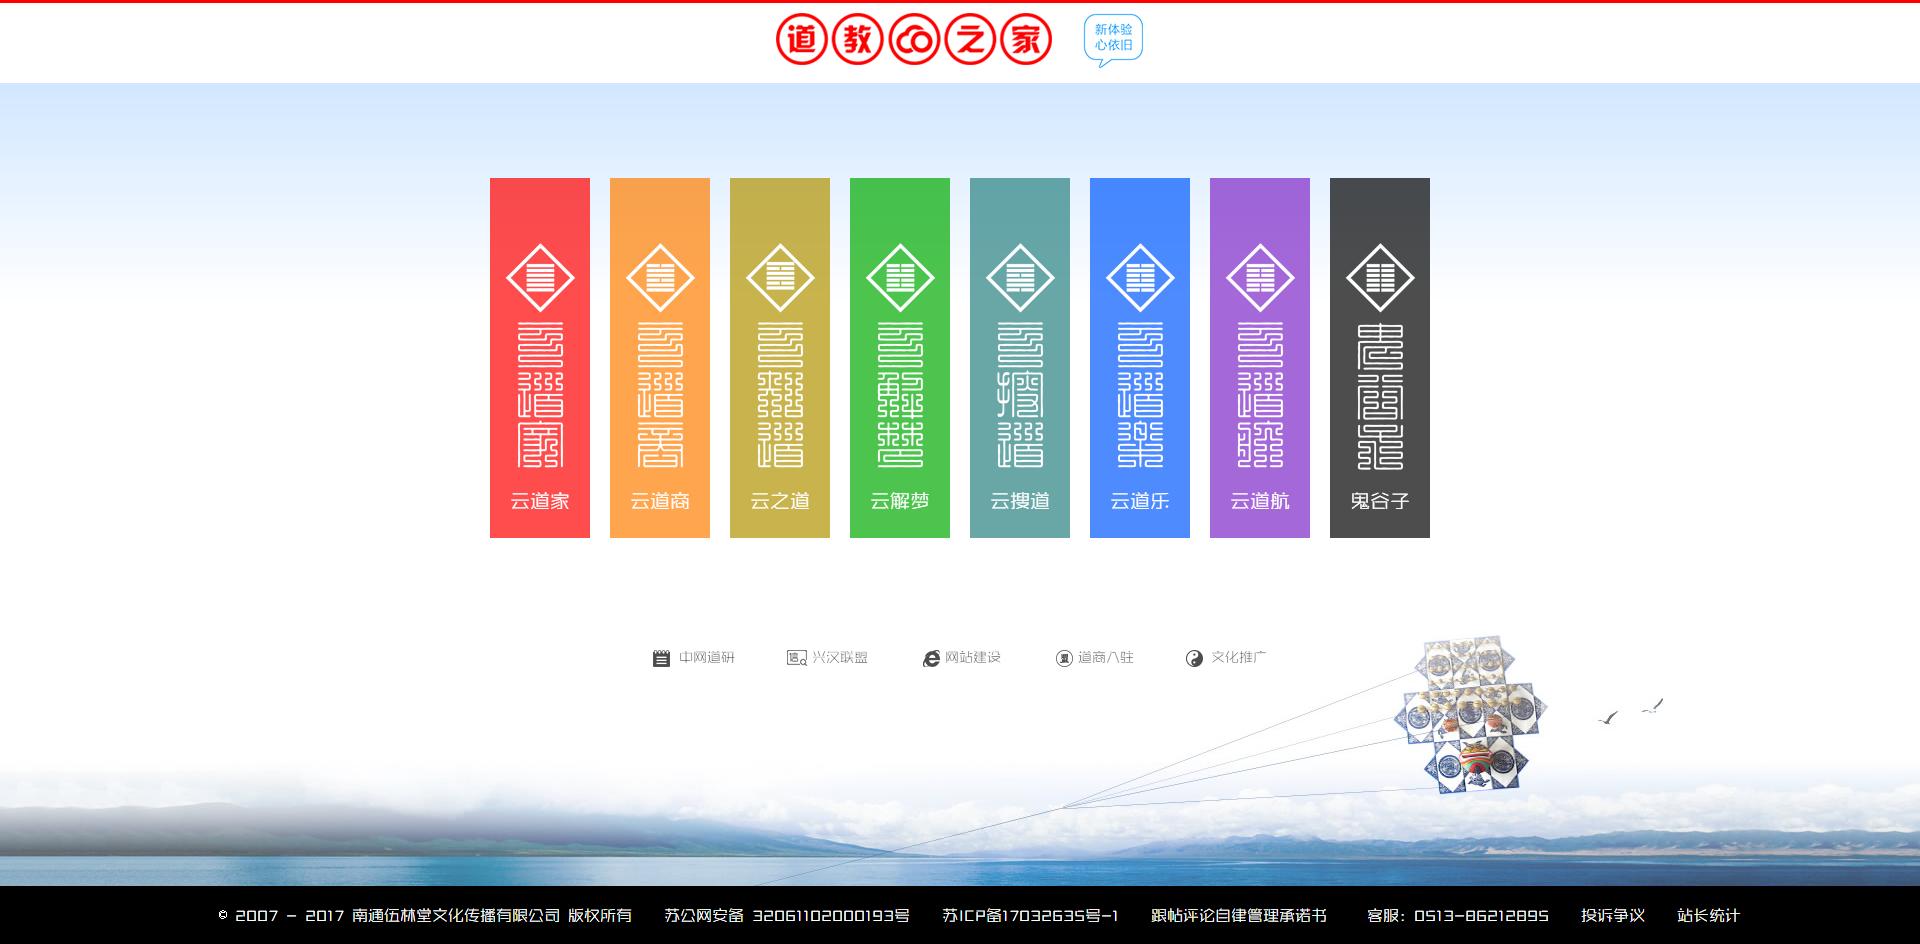 云道家-道教之家-中国道教自媒体平台-中国道教第一门户网站.png 道教之家门户首页UI设计(南通)  第1张